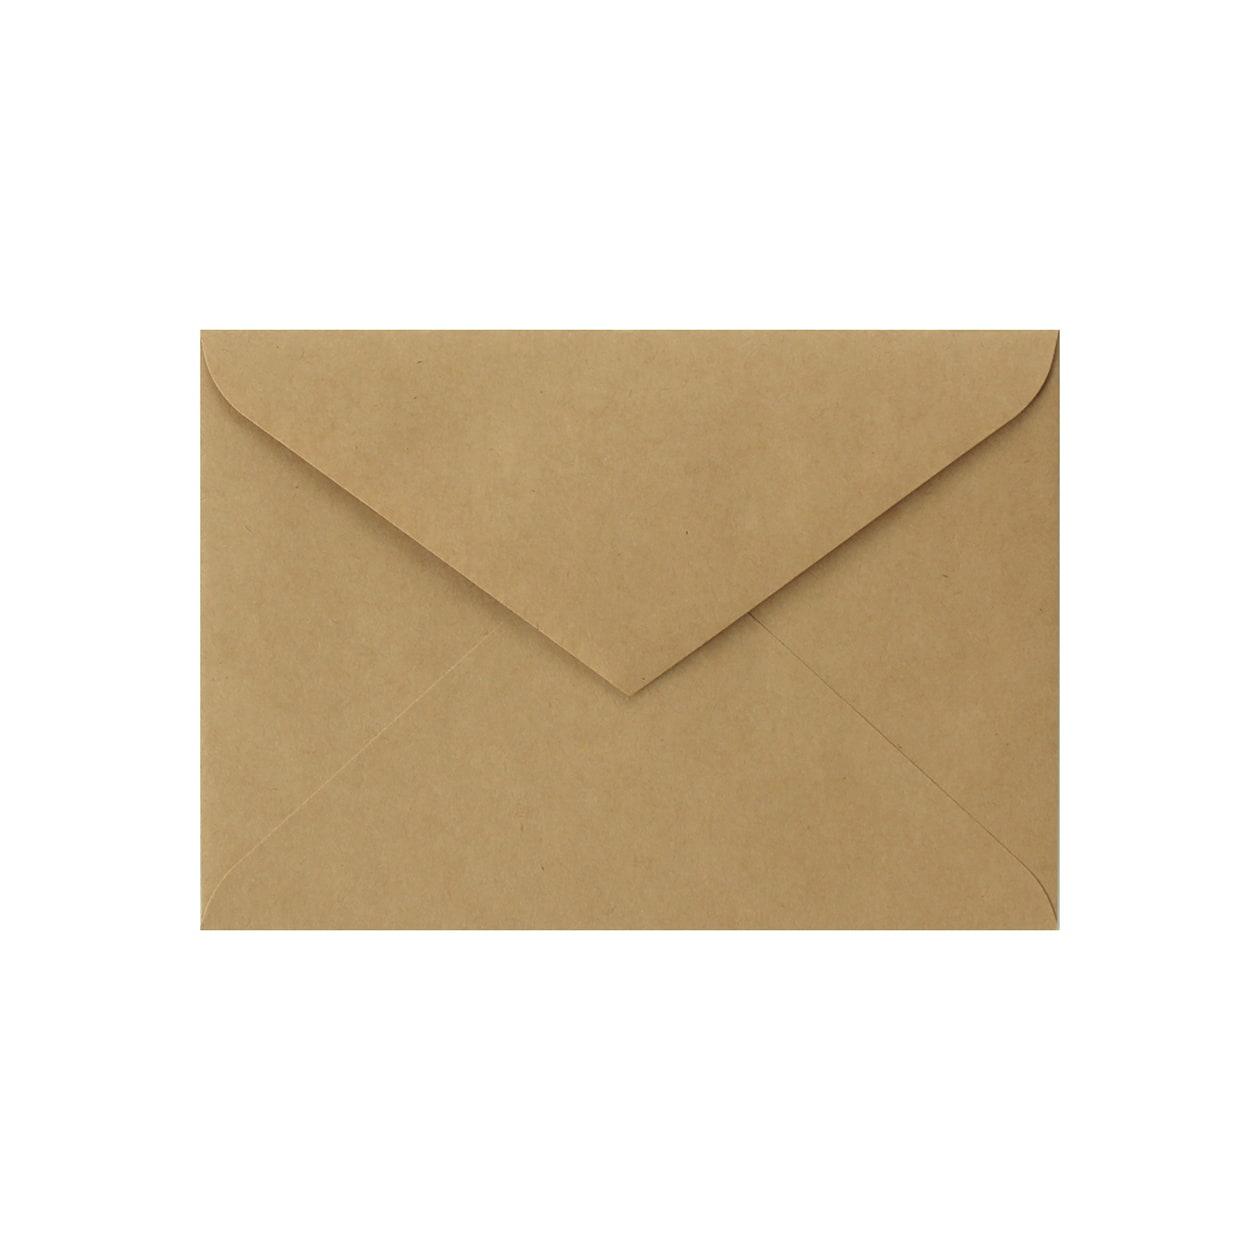 サンプル 封筒・袋 00041